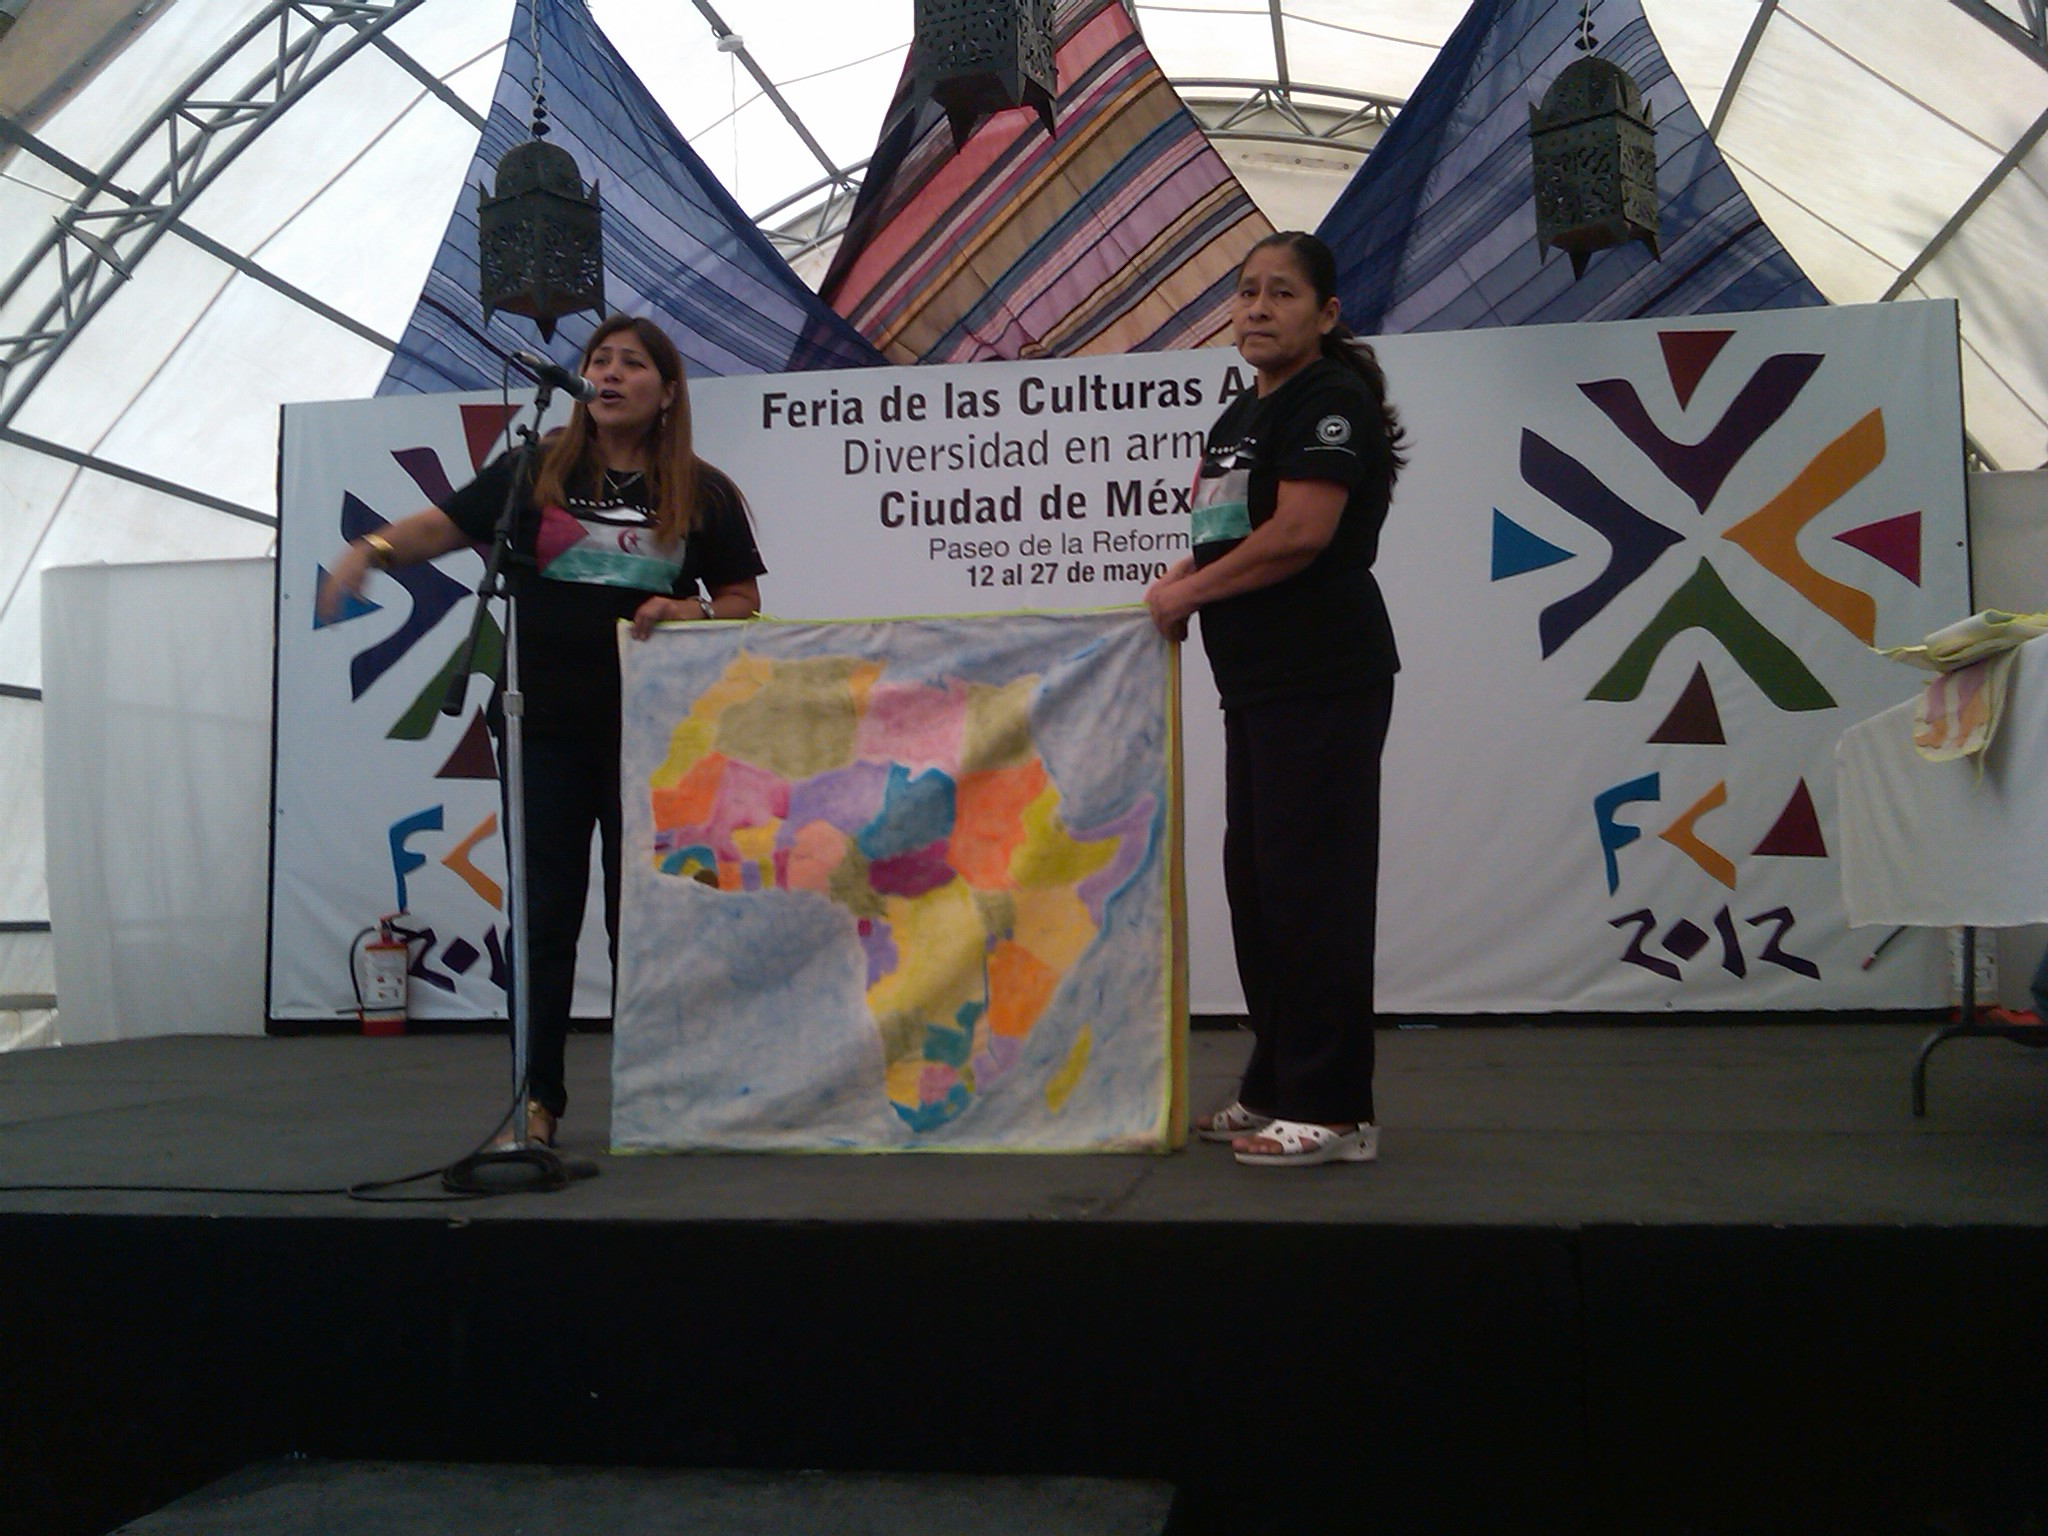 Educación_para_la_paz,_cuento_de_Irene_en_el_sáhara,_Feria_de_las_Culturas_Amigas_1